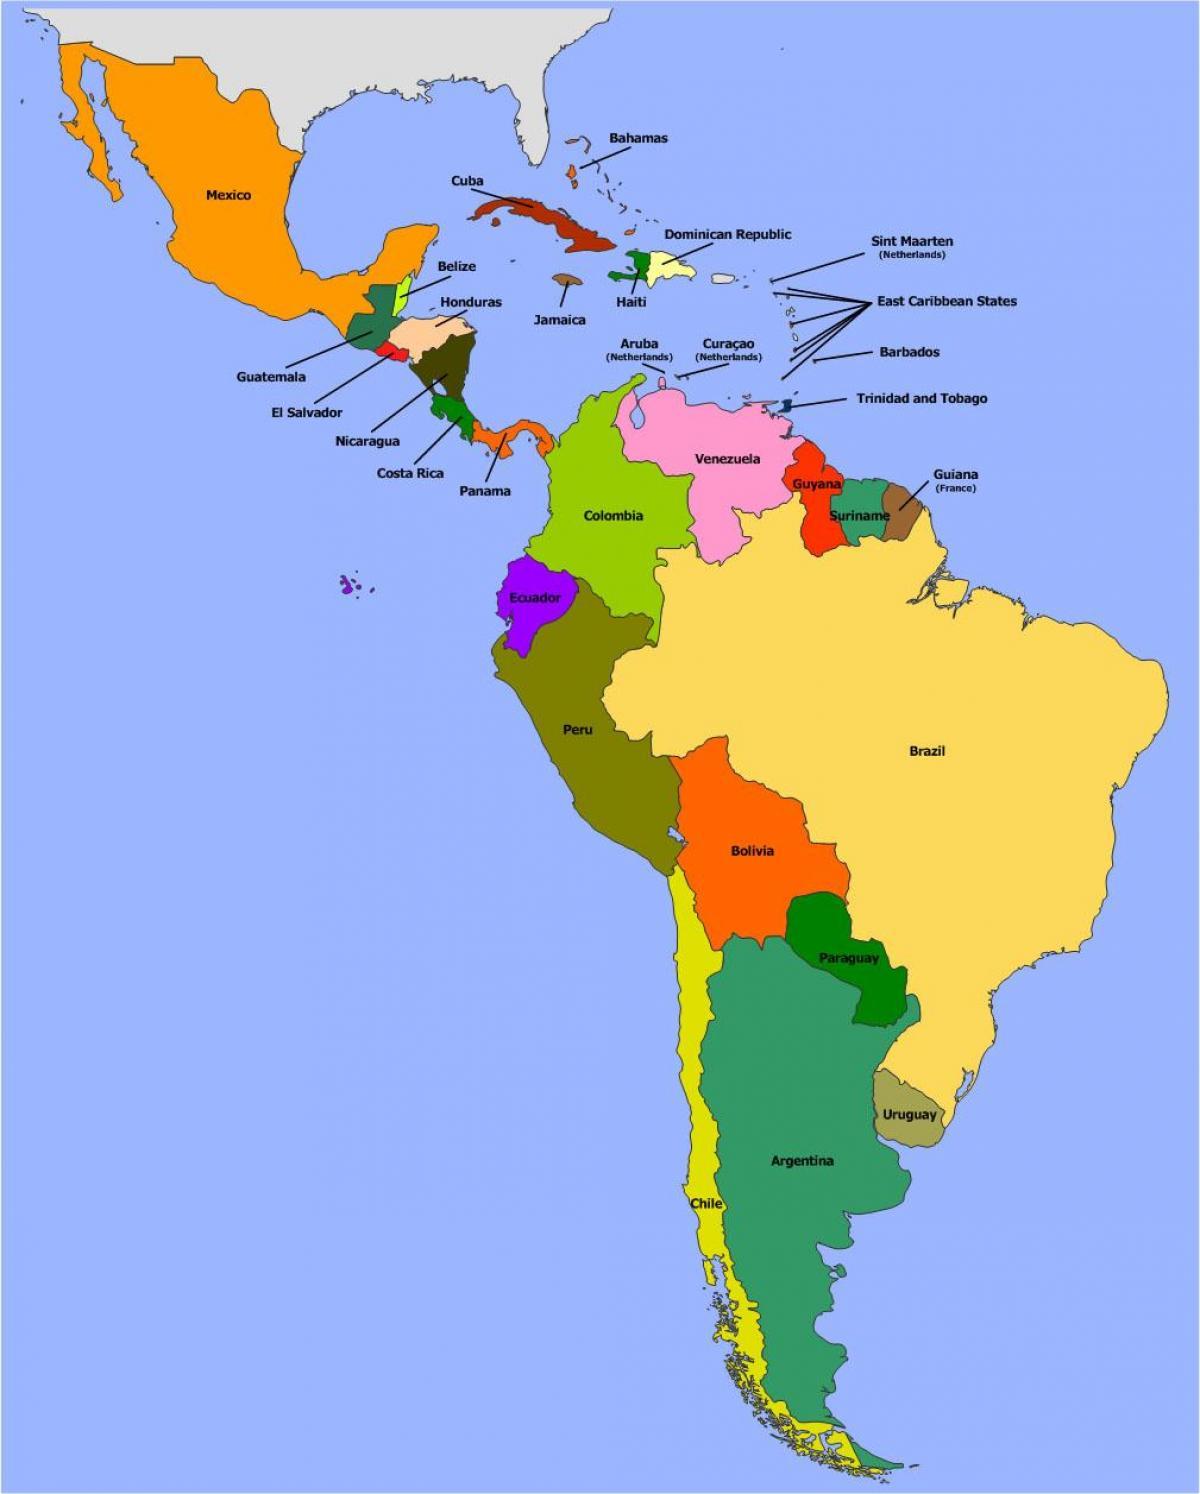 Belize Ameryka Poludniowa Mapa Belize Do Ameryki Poludniowej